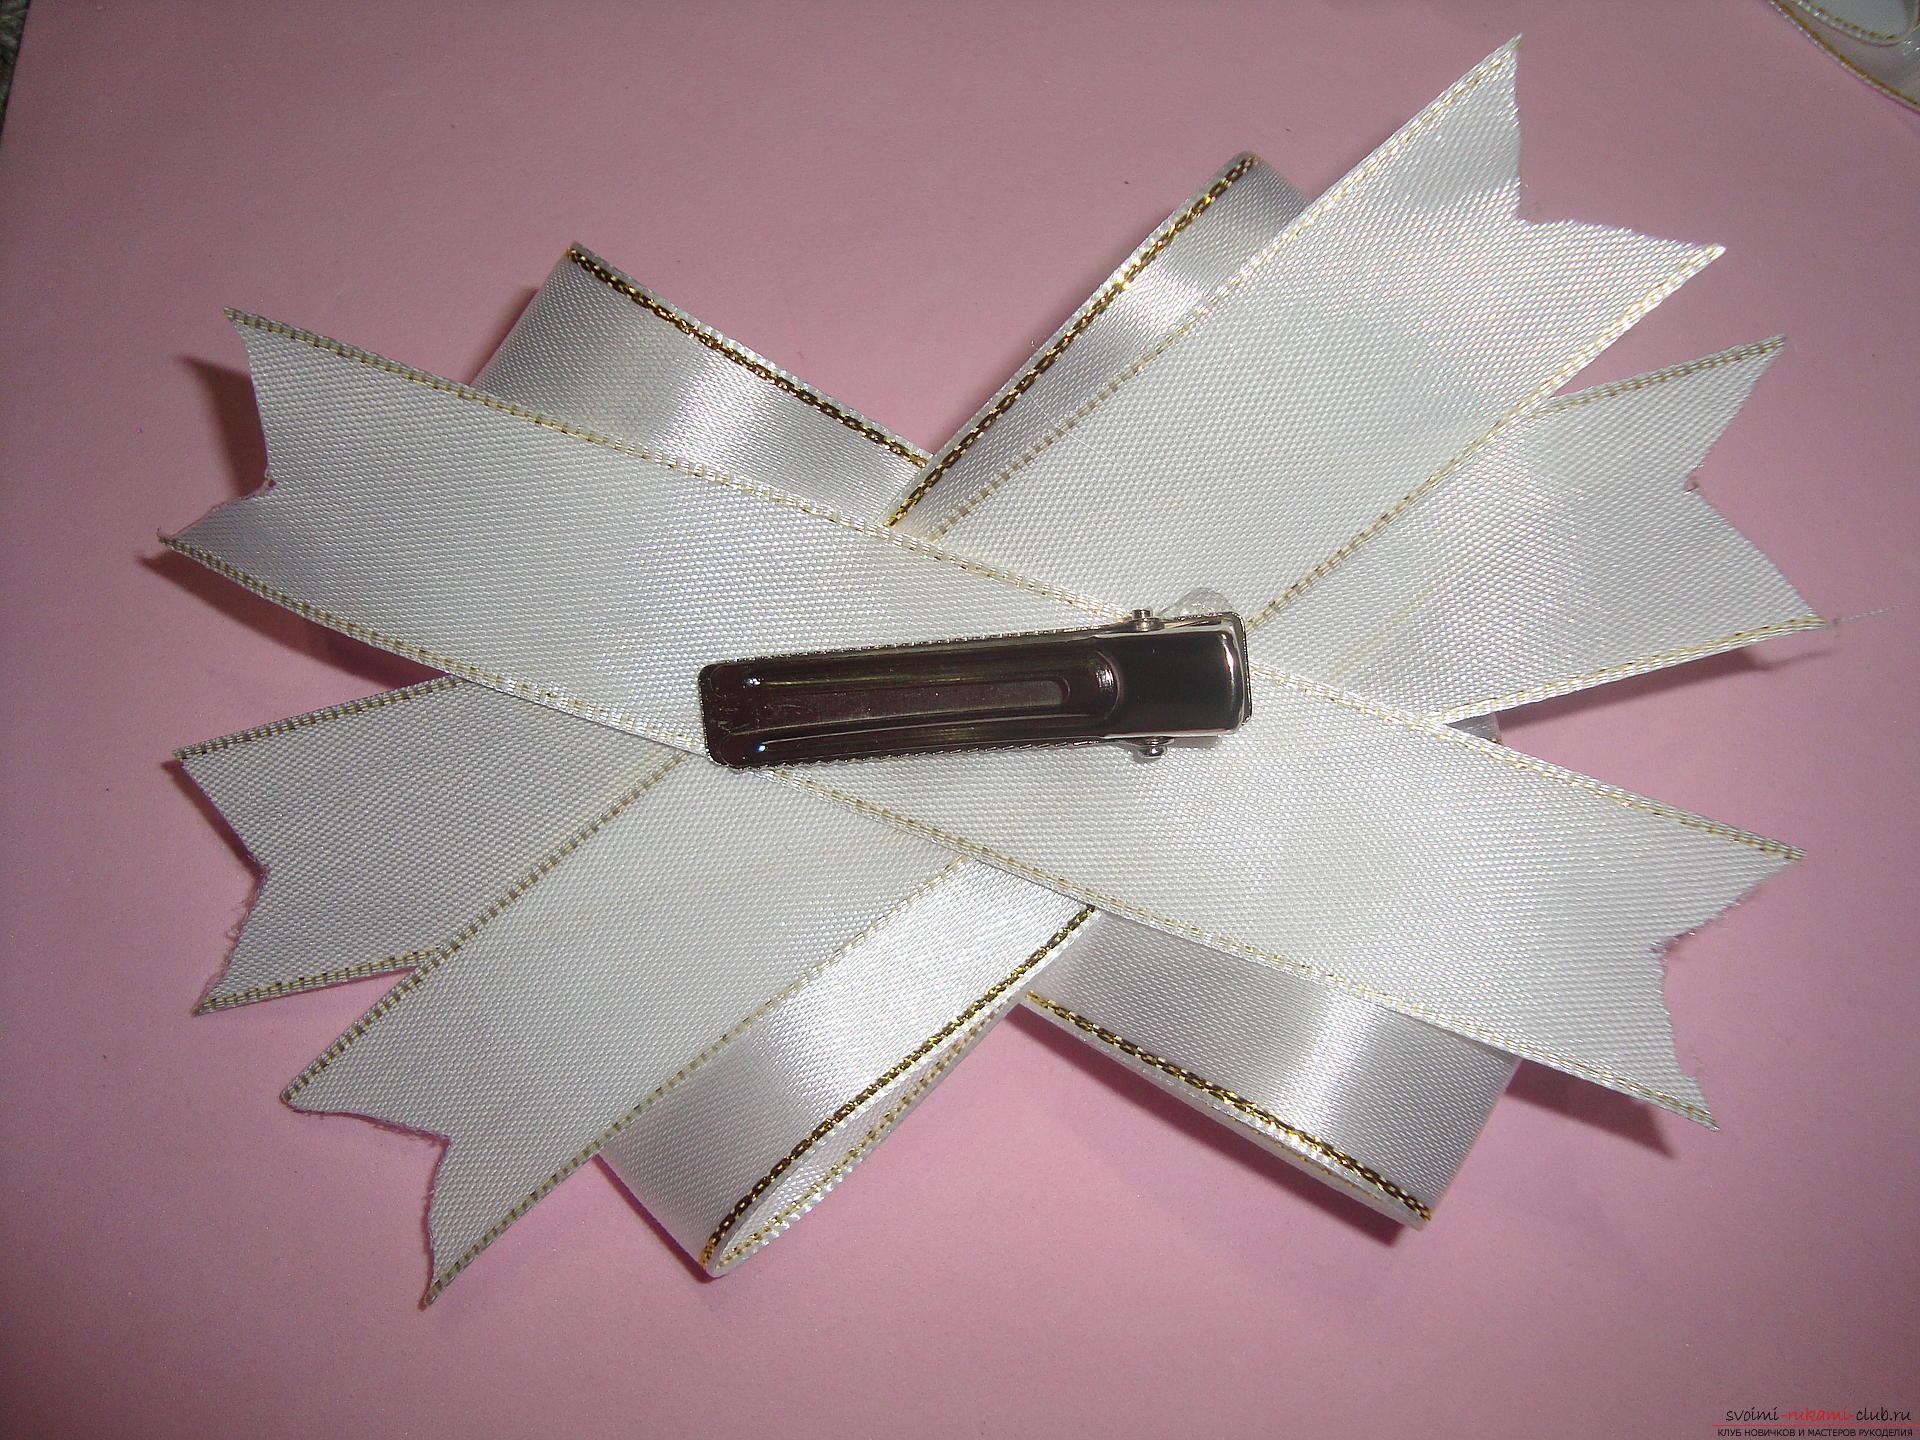 Фото-инструкция по изготовлению праздничных бантов для девочек. Фото №18